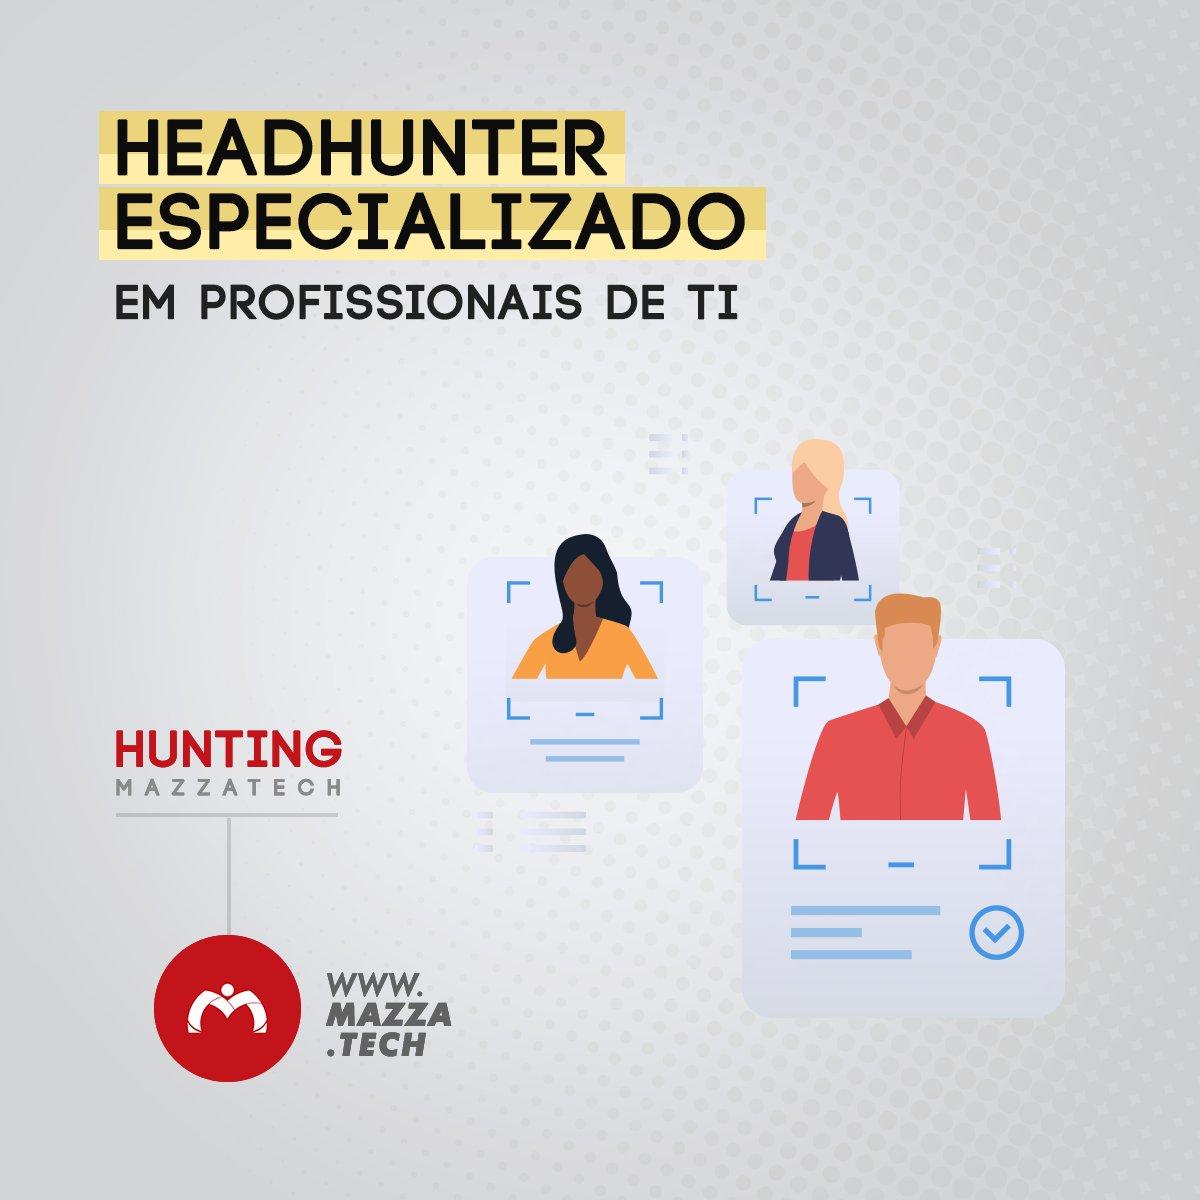 Precisando de um Headhunter especializado em profissionais de TI? ⠀ Conheça as vantagens deste serviço em https://t.co/6pcuXe8IfF  #Vempramazza⠀ #mazzatech #headhunter #tecnologia #ti #tech #talento #profissionaldeti  #vagasdeti https://t.co/tEwXGSM3pE